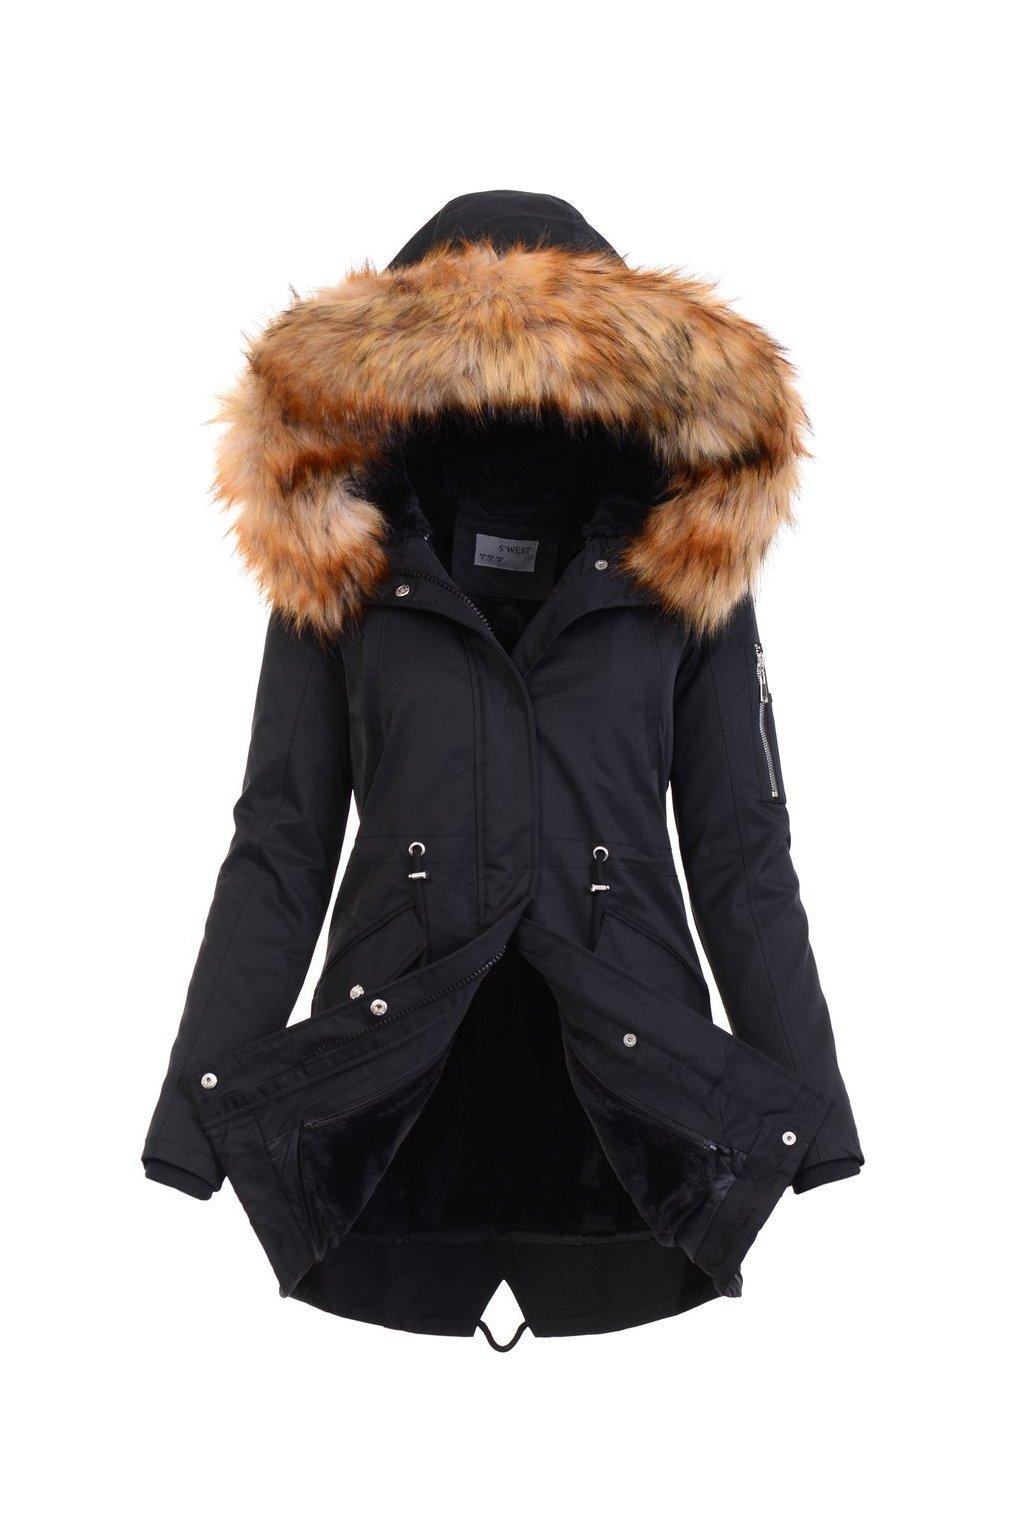 Dámska zimná bunda parka 2v1 4871 čierna